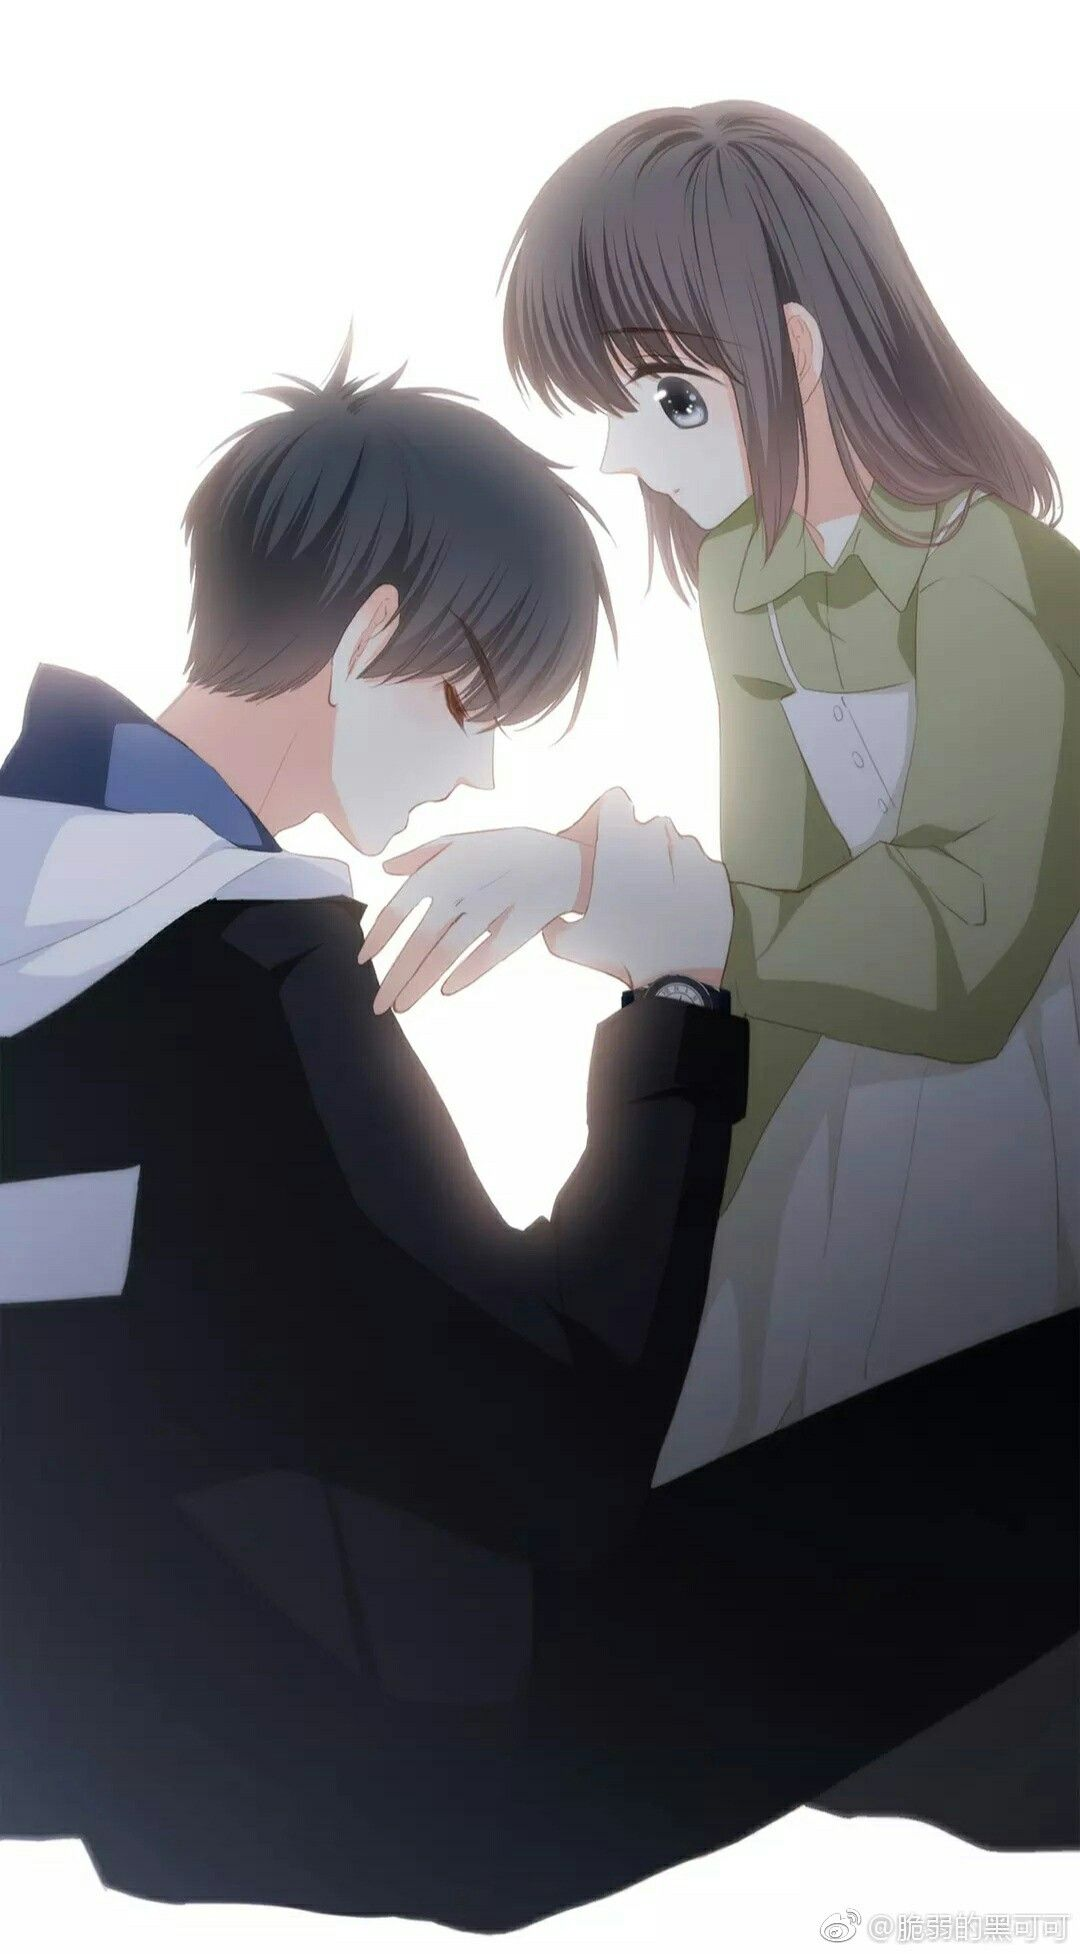 Awh... Romantis bangeet (Có hình ảnh) Anime, Hình ảnh